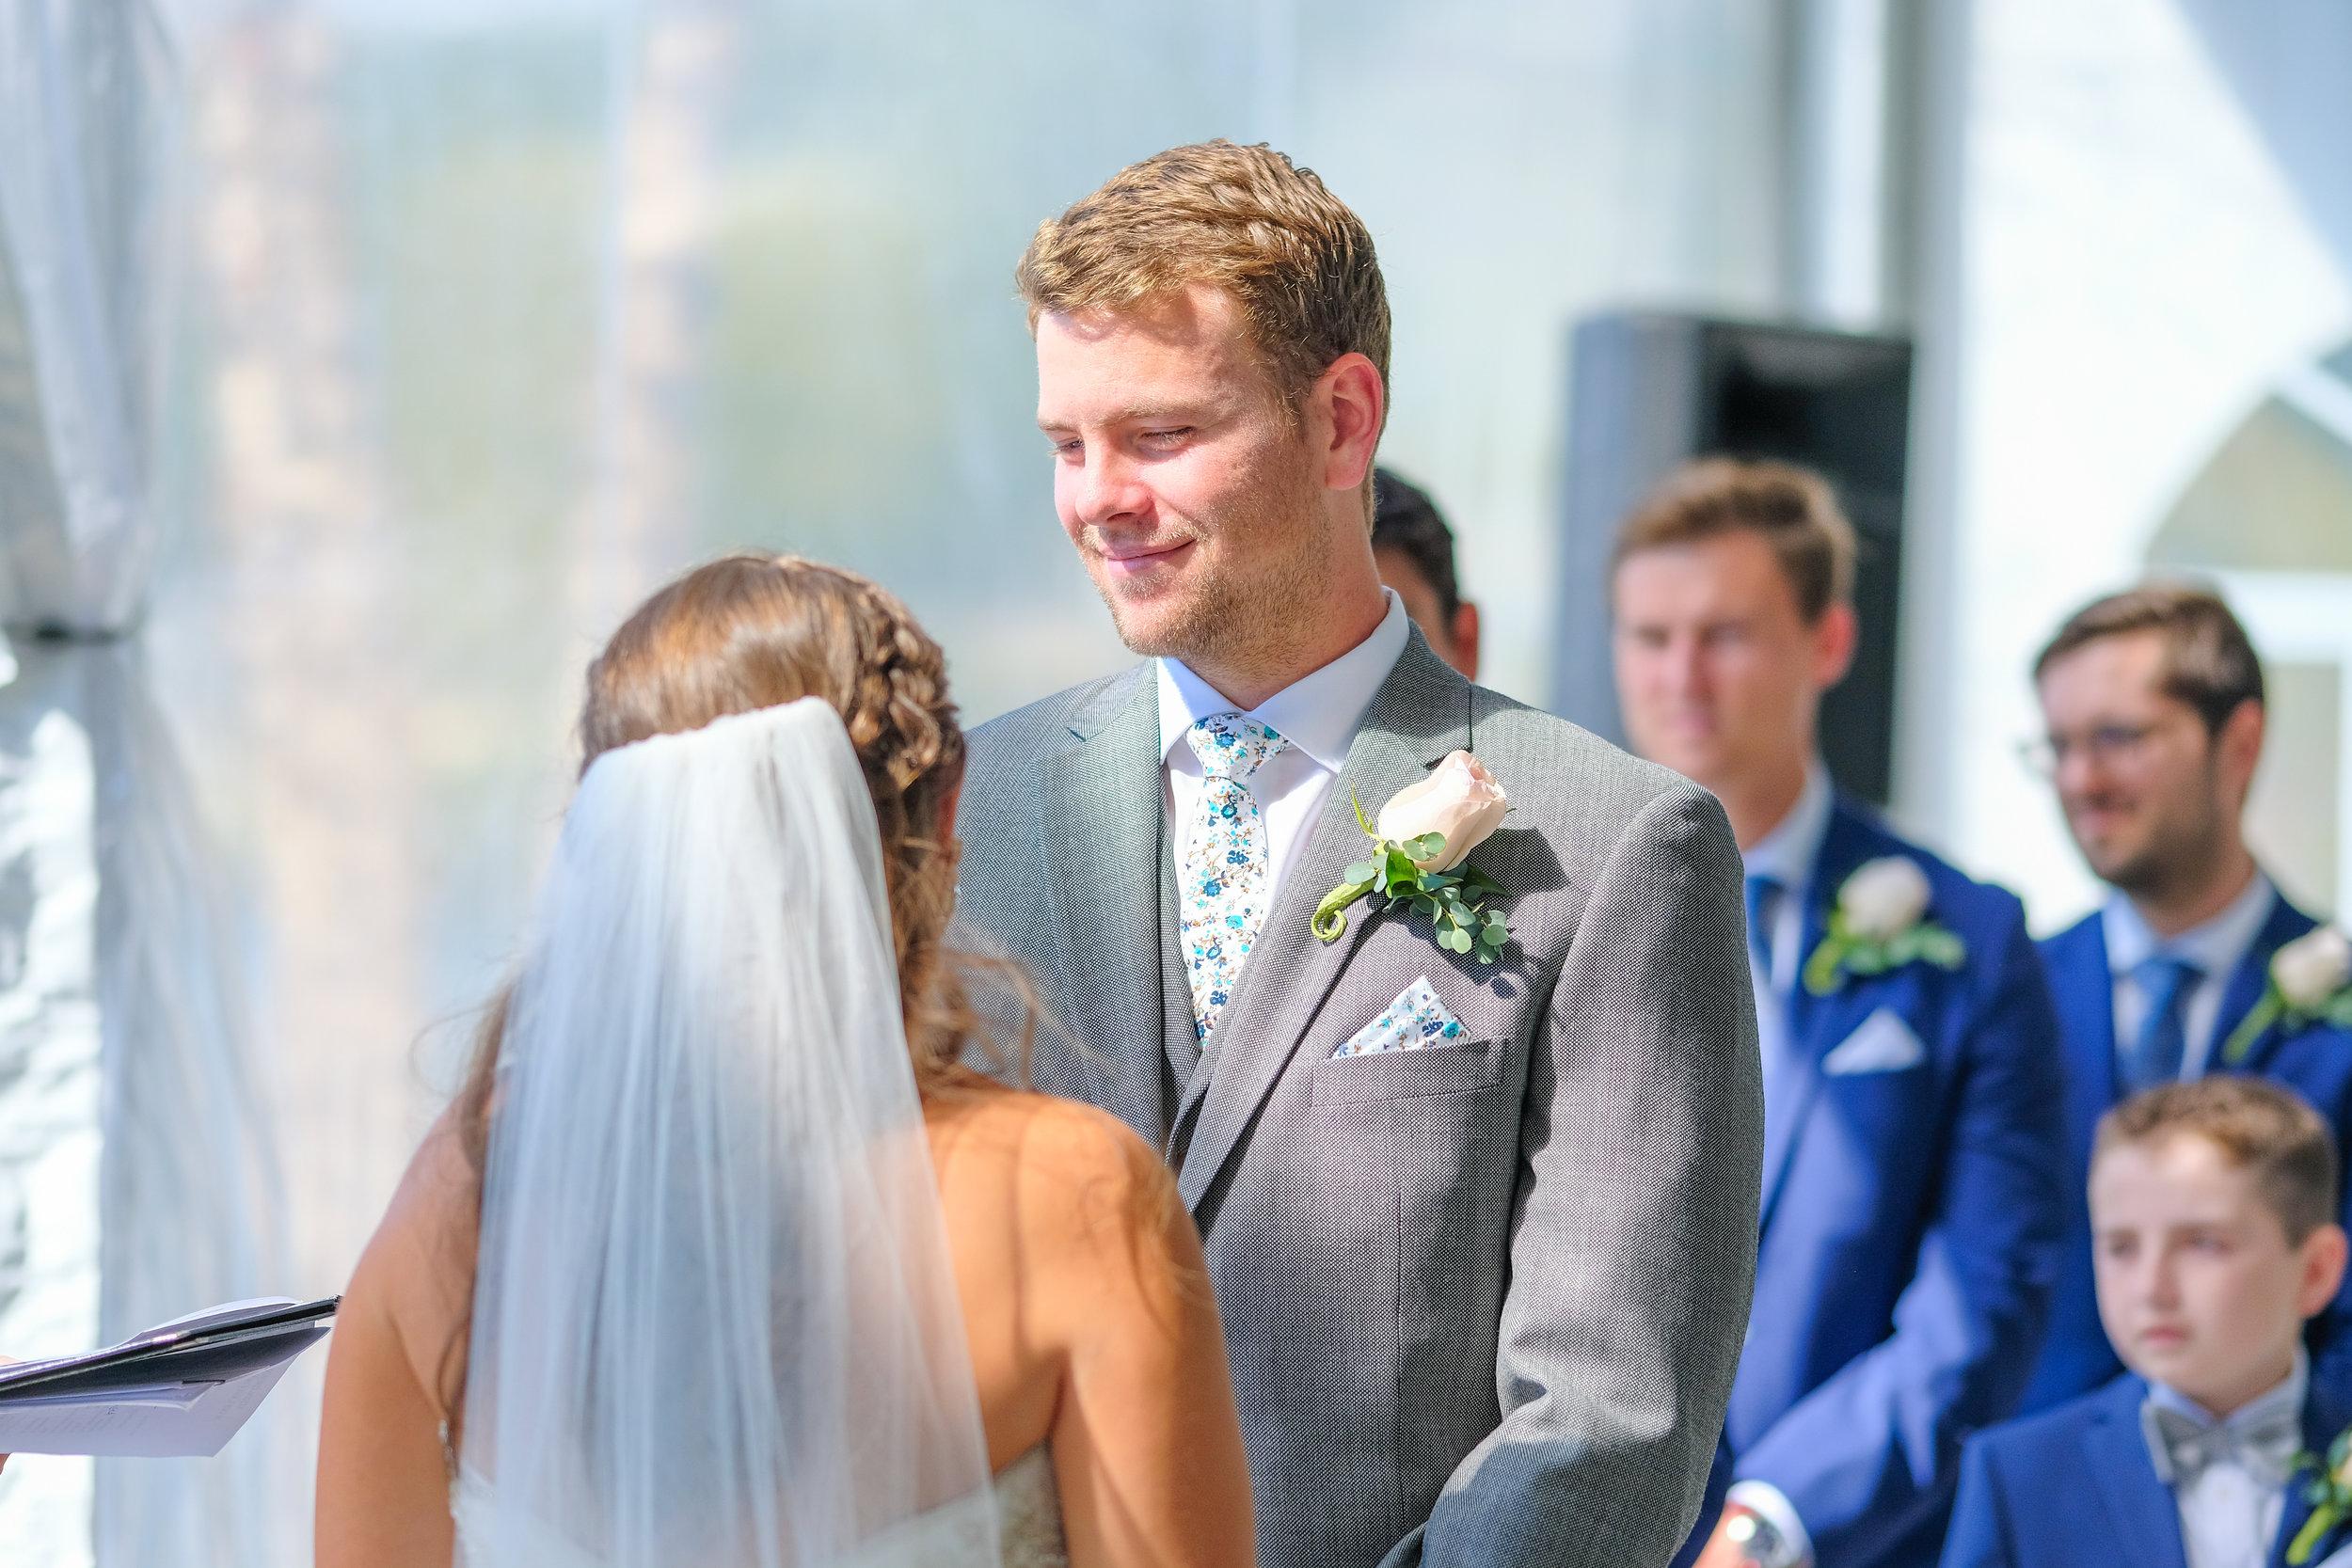 laconia-margate-wedding-photography-267.jpg